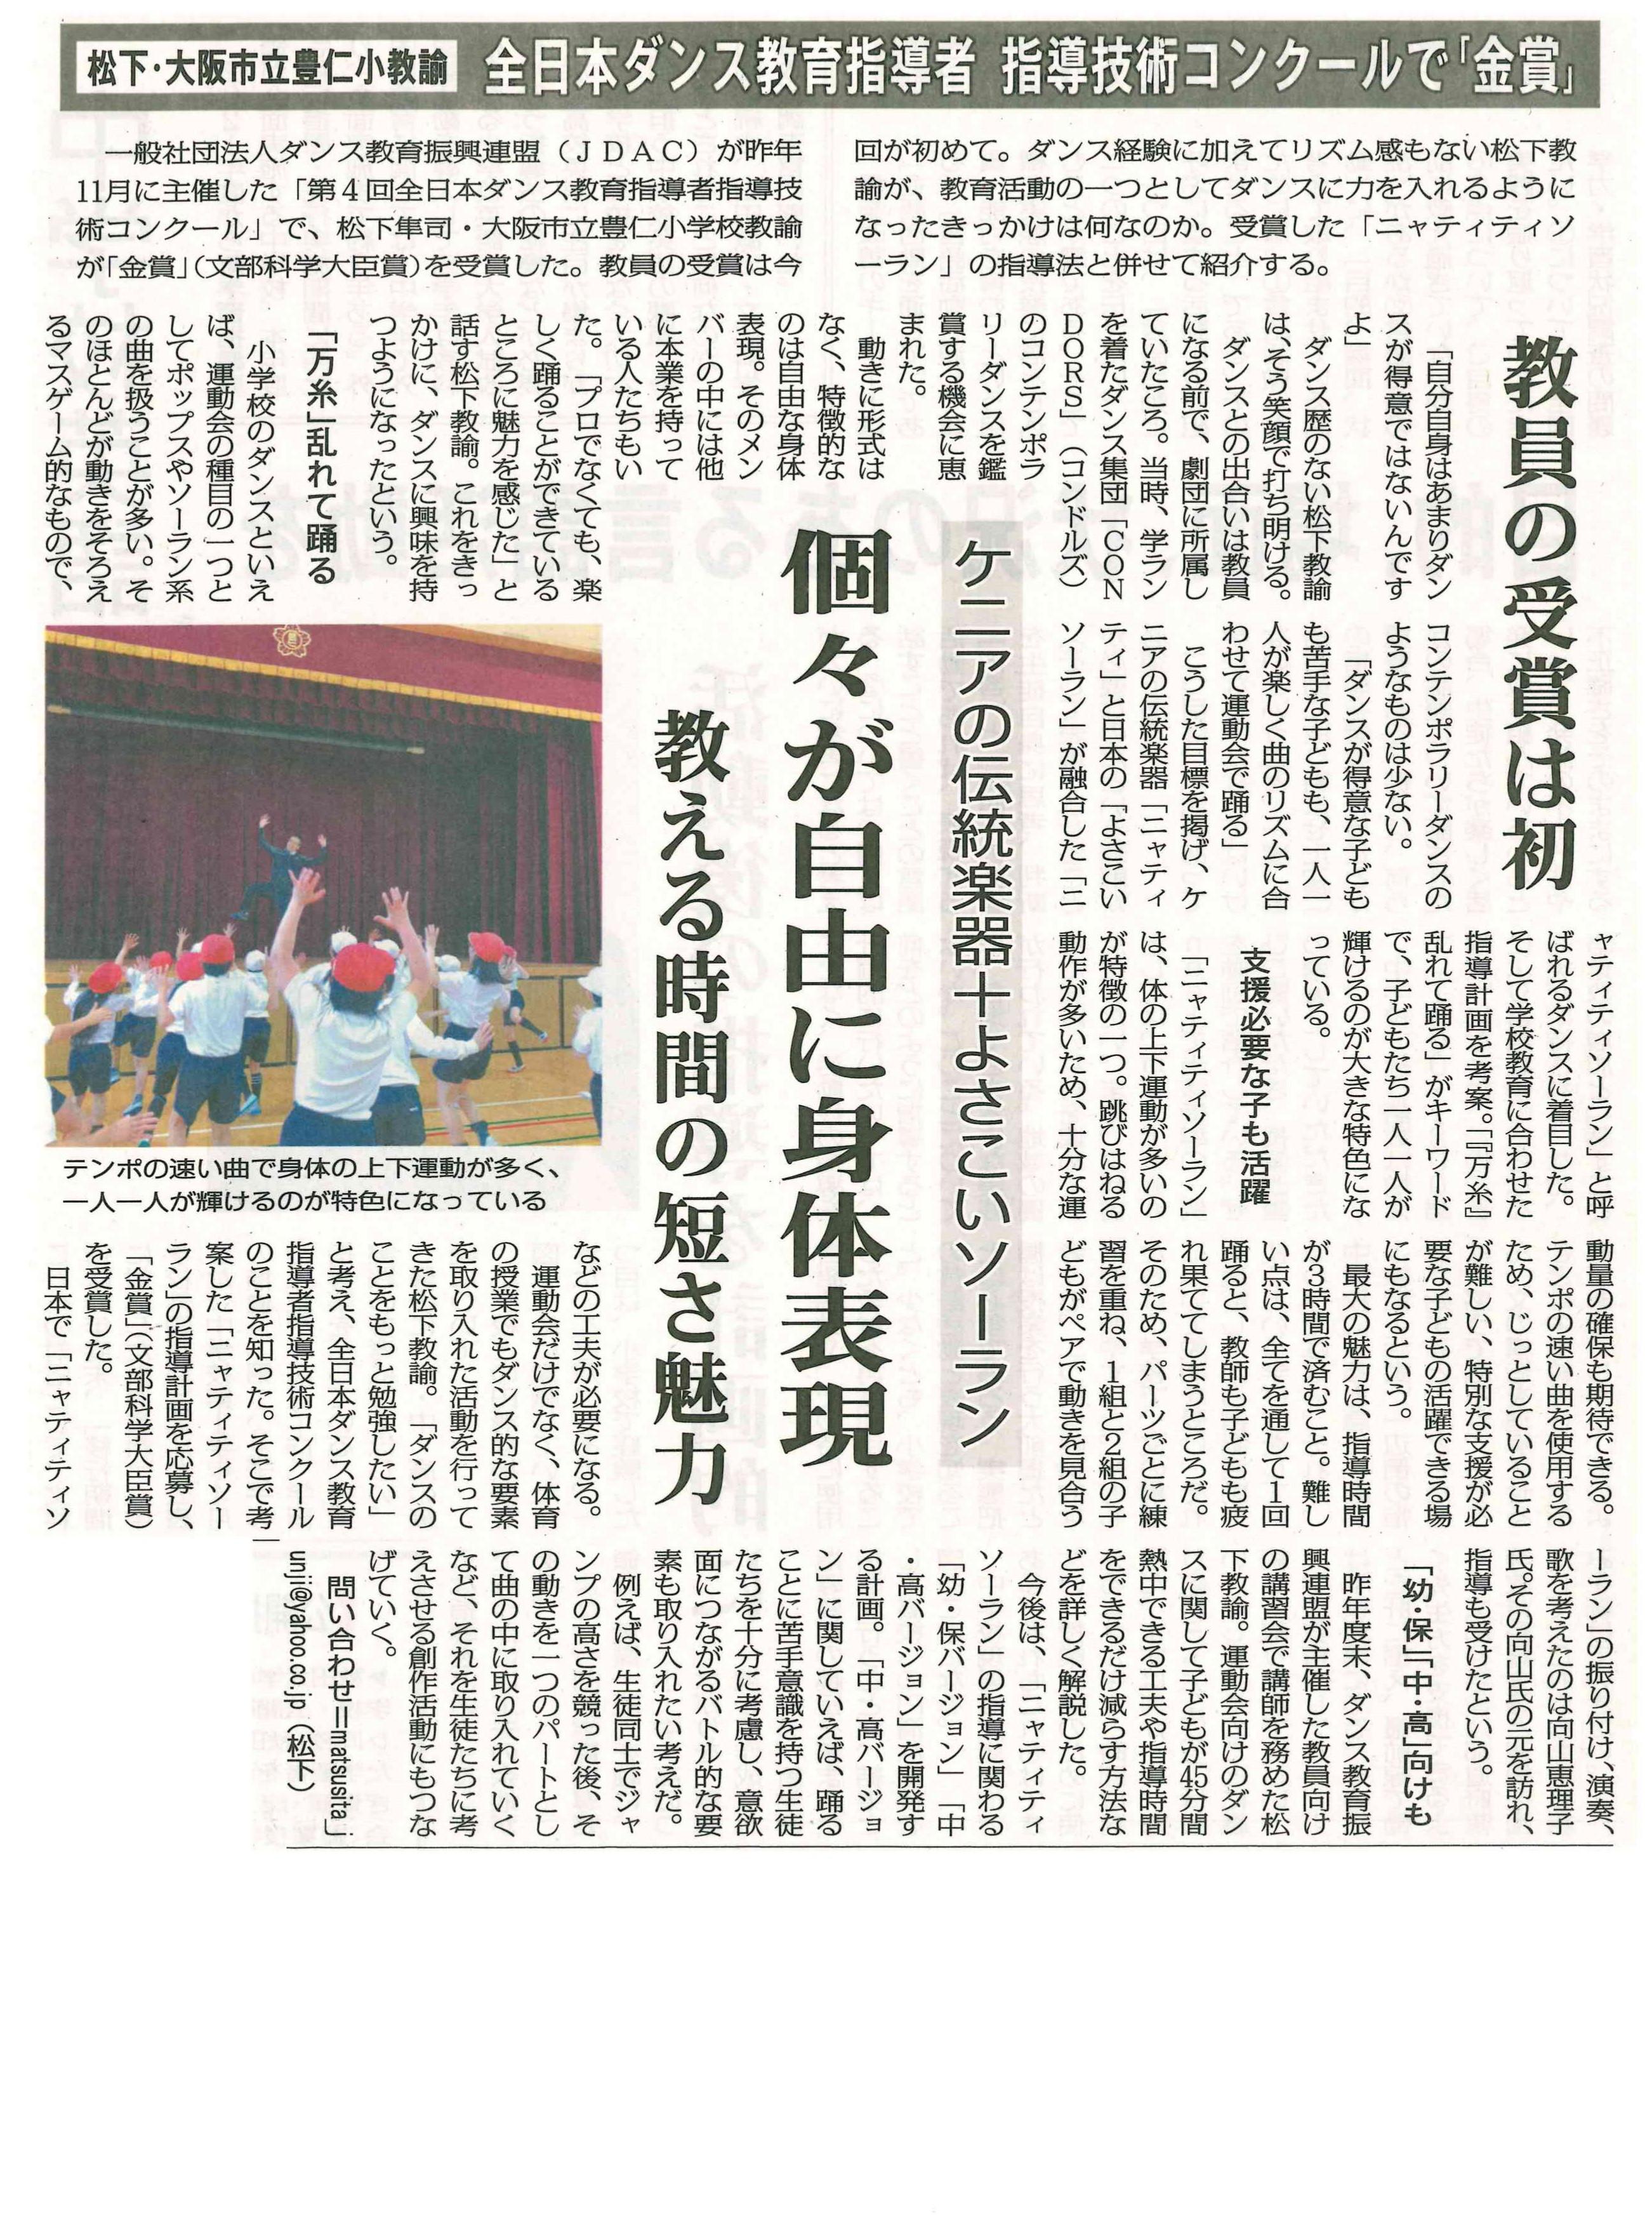 コンクール受賞者が日本教育新聞...